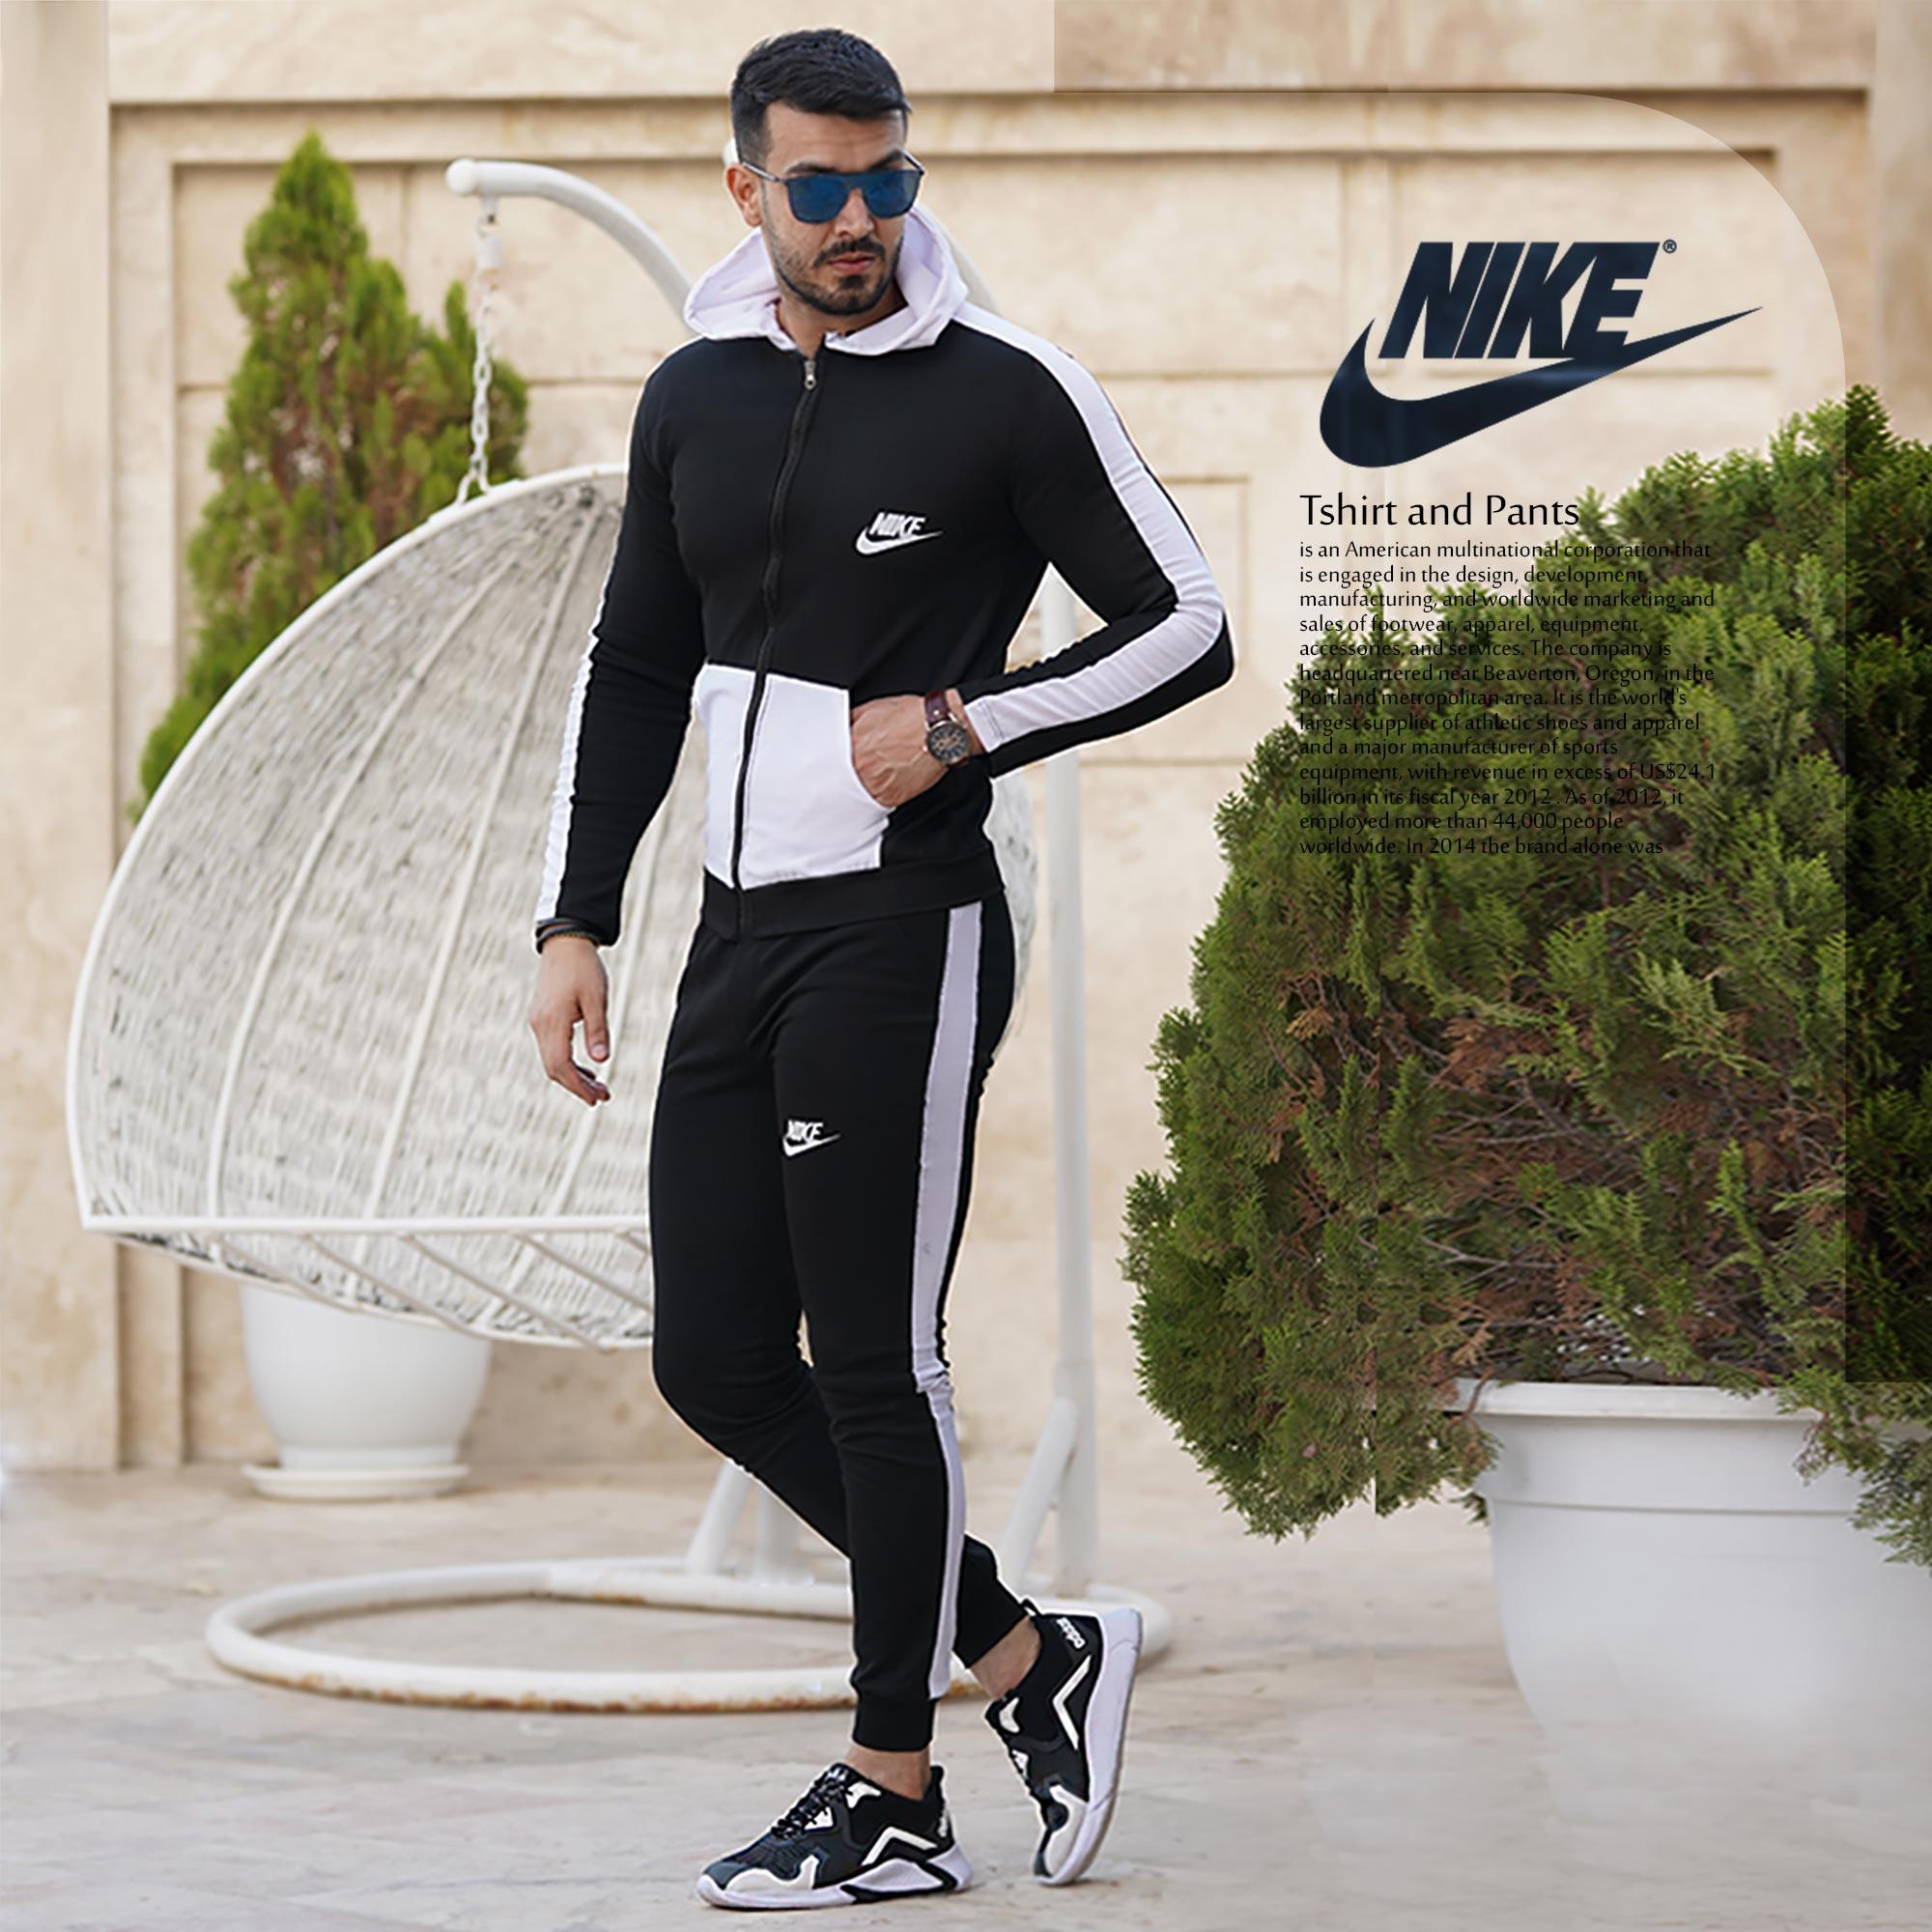 عکس محصول ست سویشرت وشلوار Nike مدل Amanda